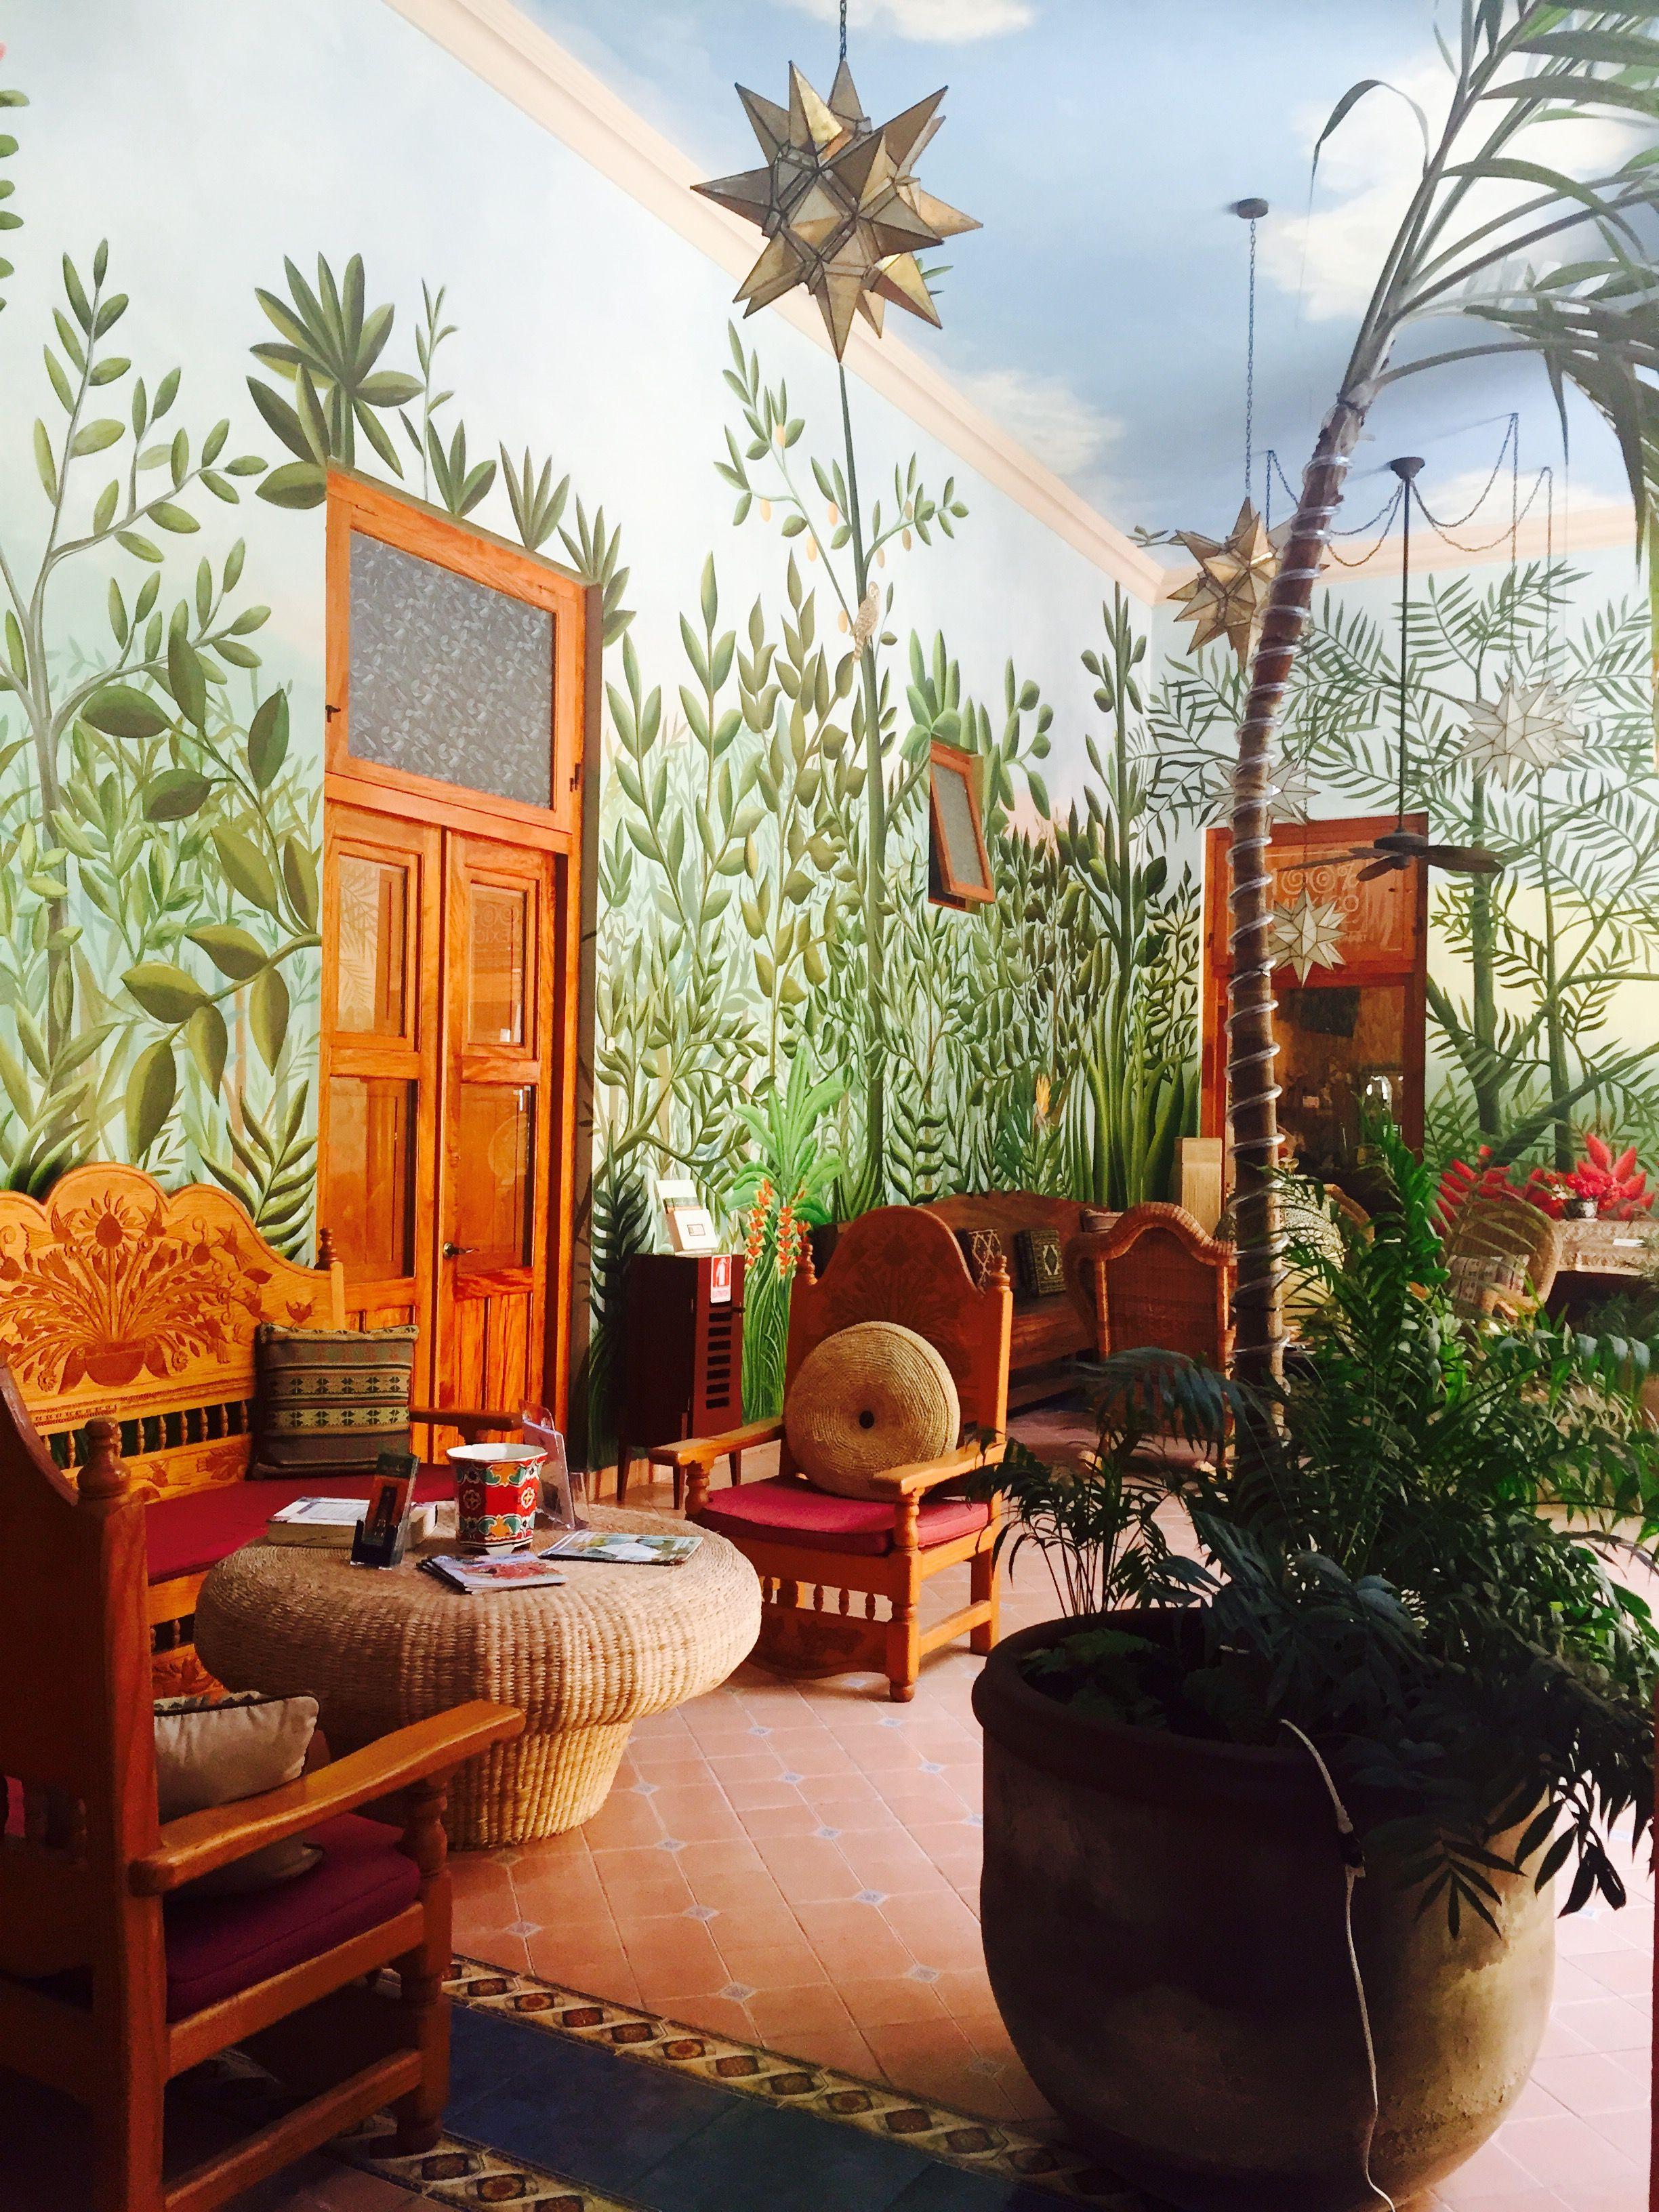 Aquí se siente bien, se duerme bien, se come bien y se sueña mejor. Casa San Ángel Hotel, Mérida, Yucatán México